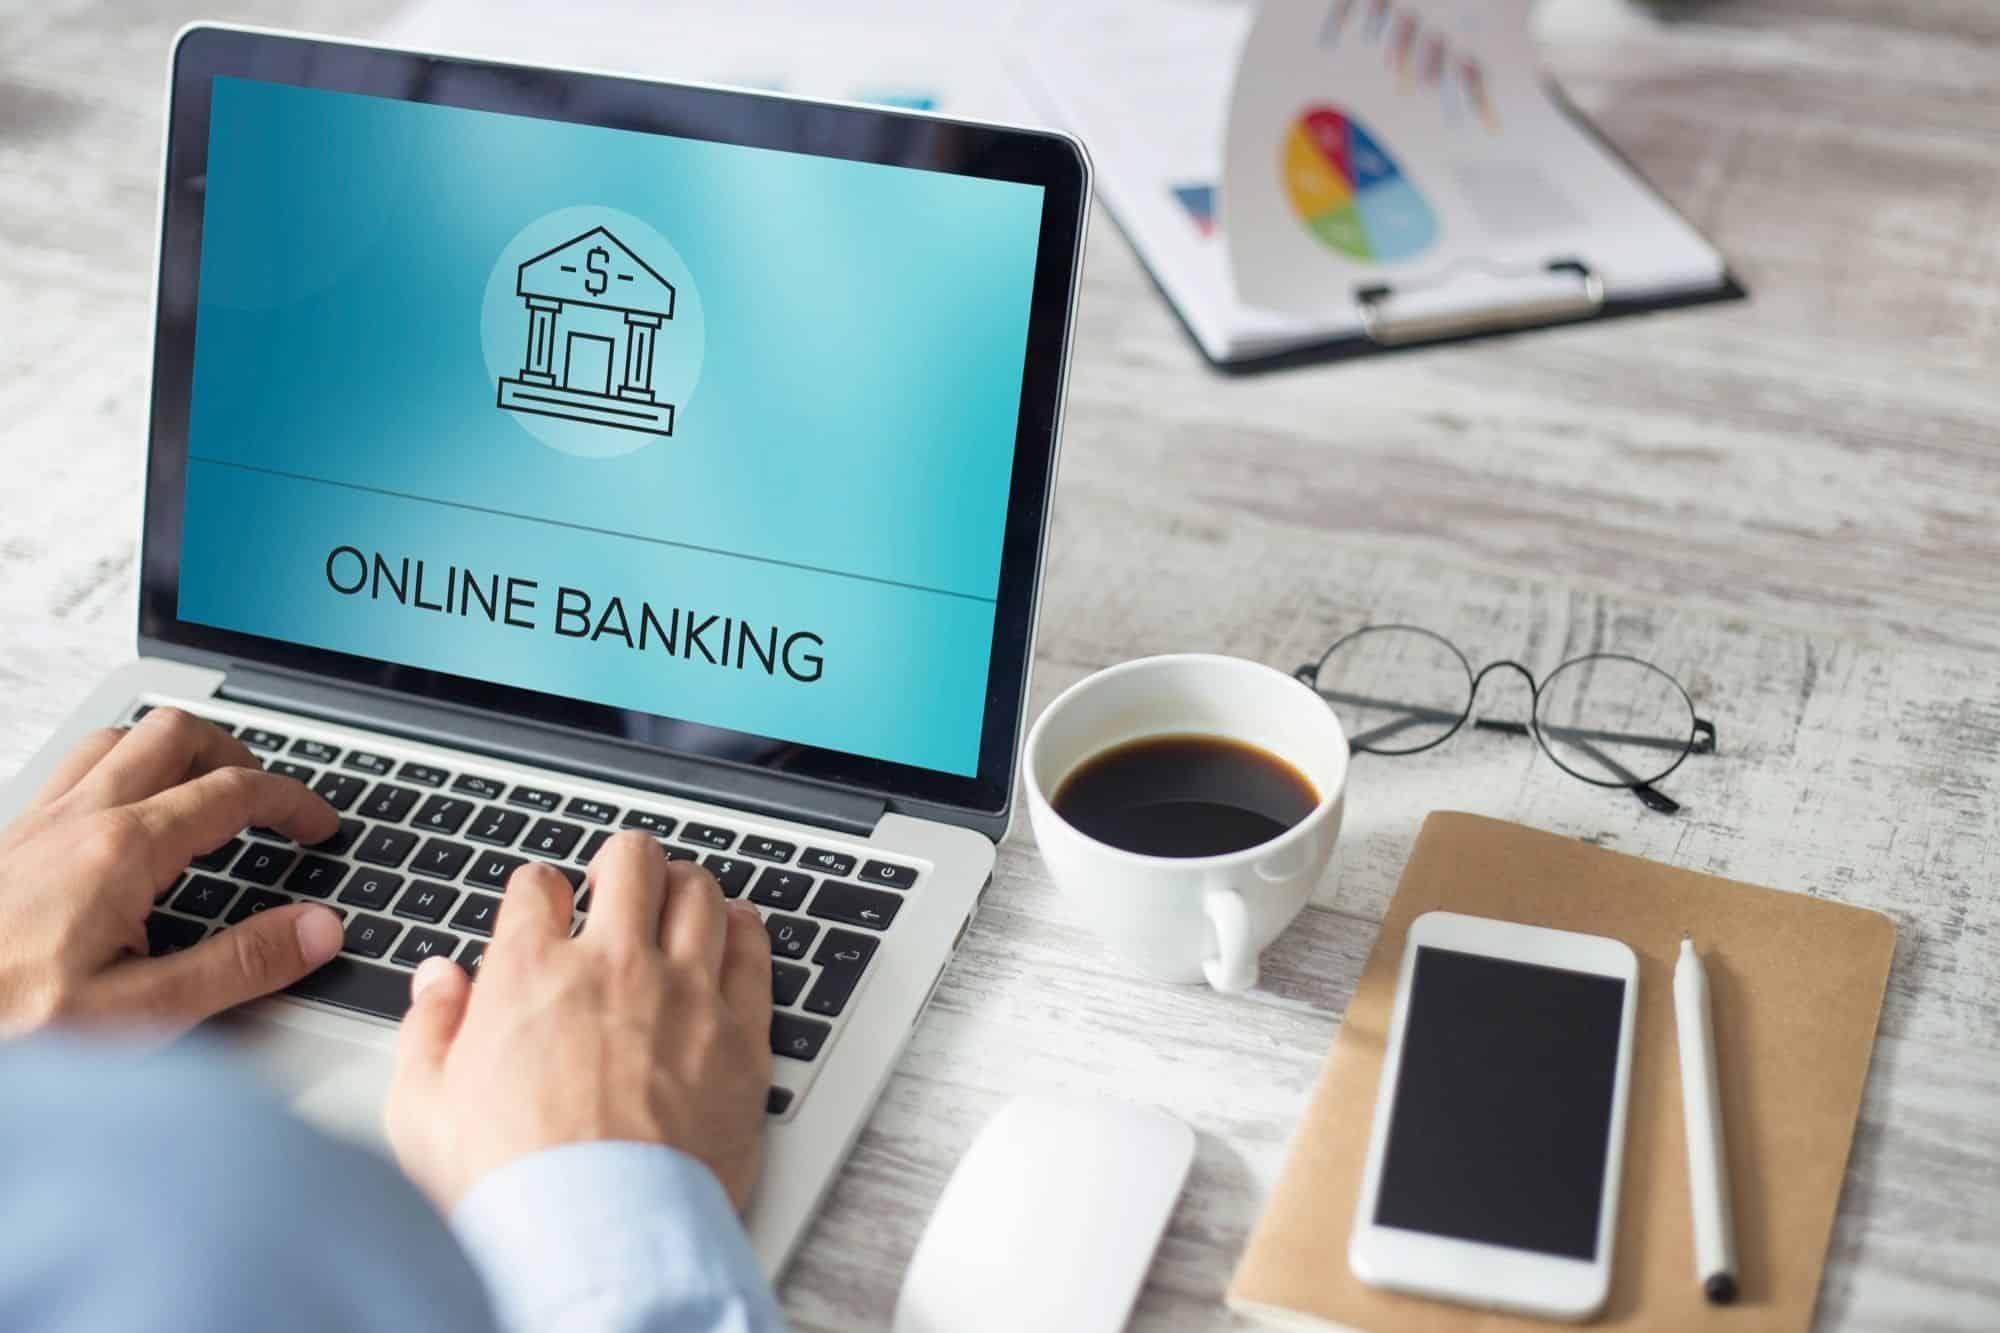 Logo de banque en ligne sur un ordinateur